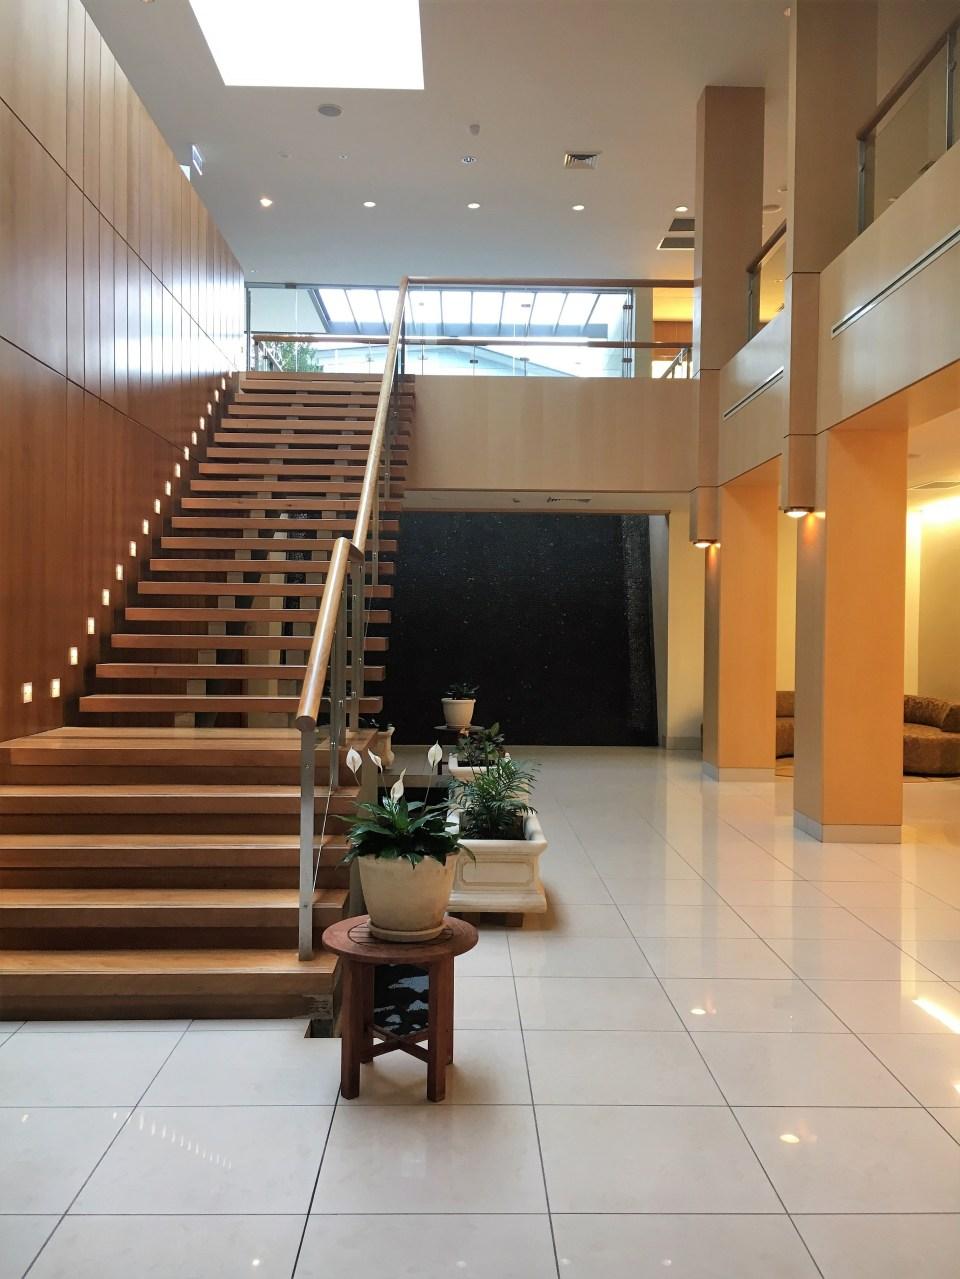 Foyer of the Golden Door